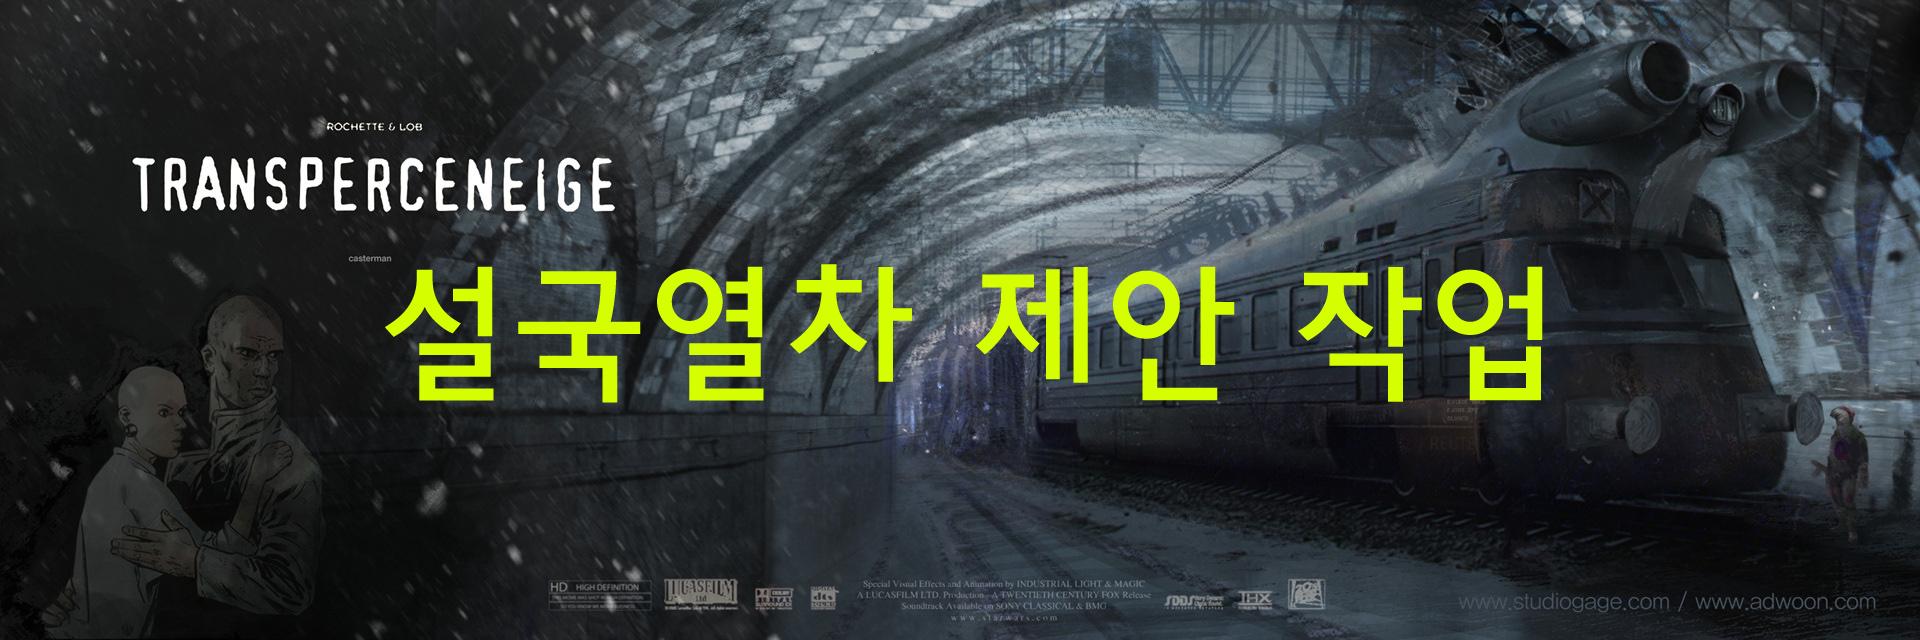 설국열차 영화판 제안작업